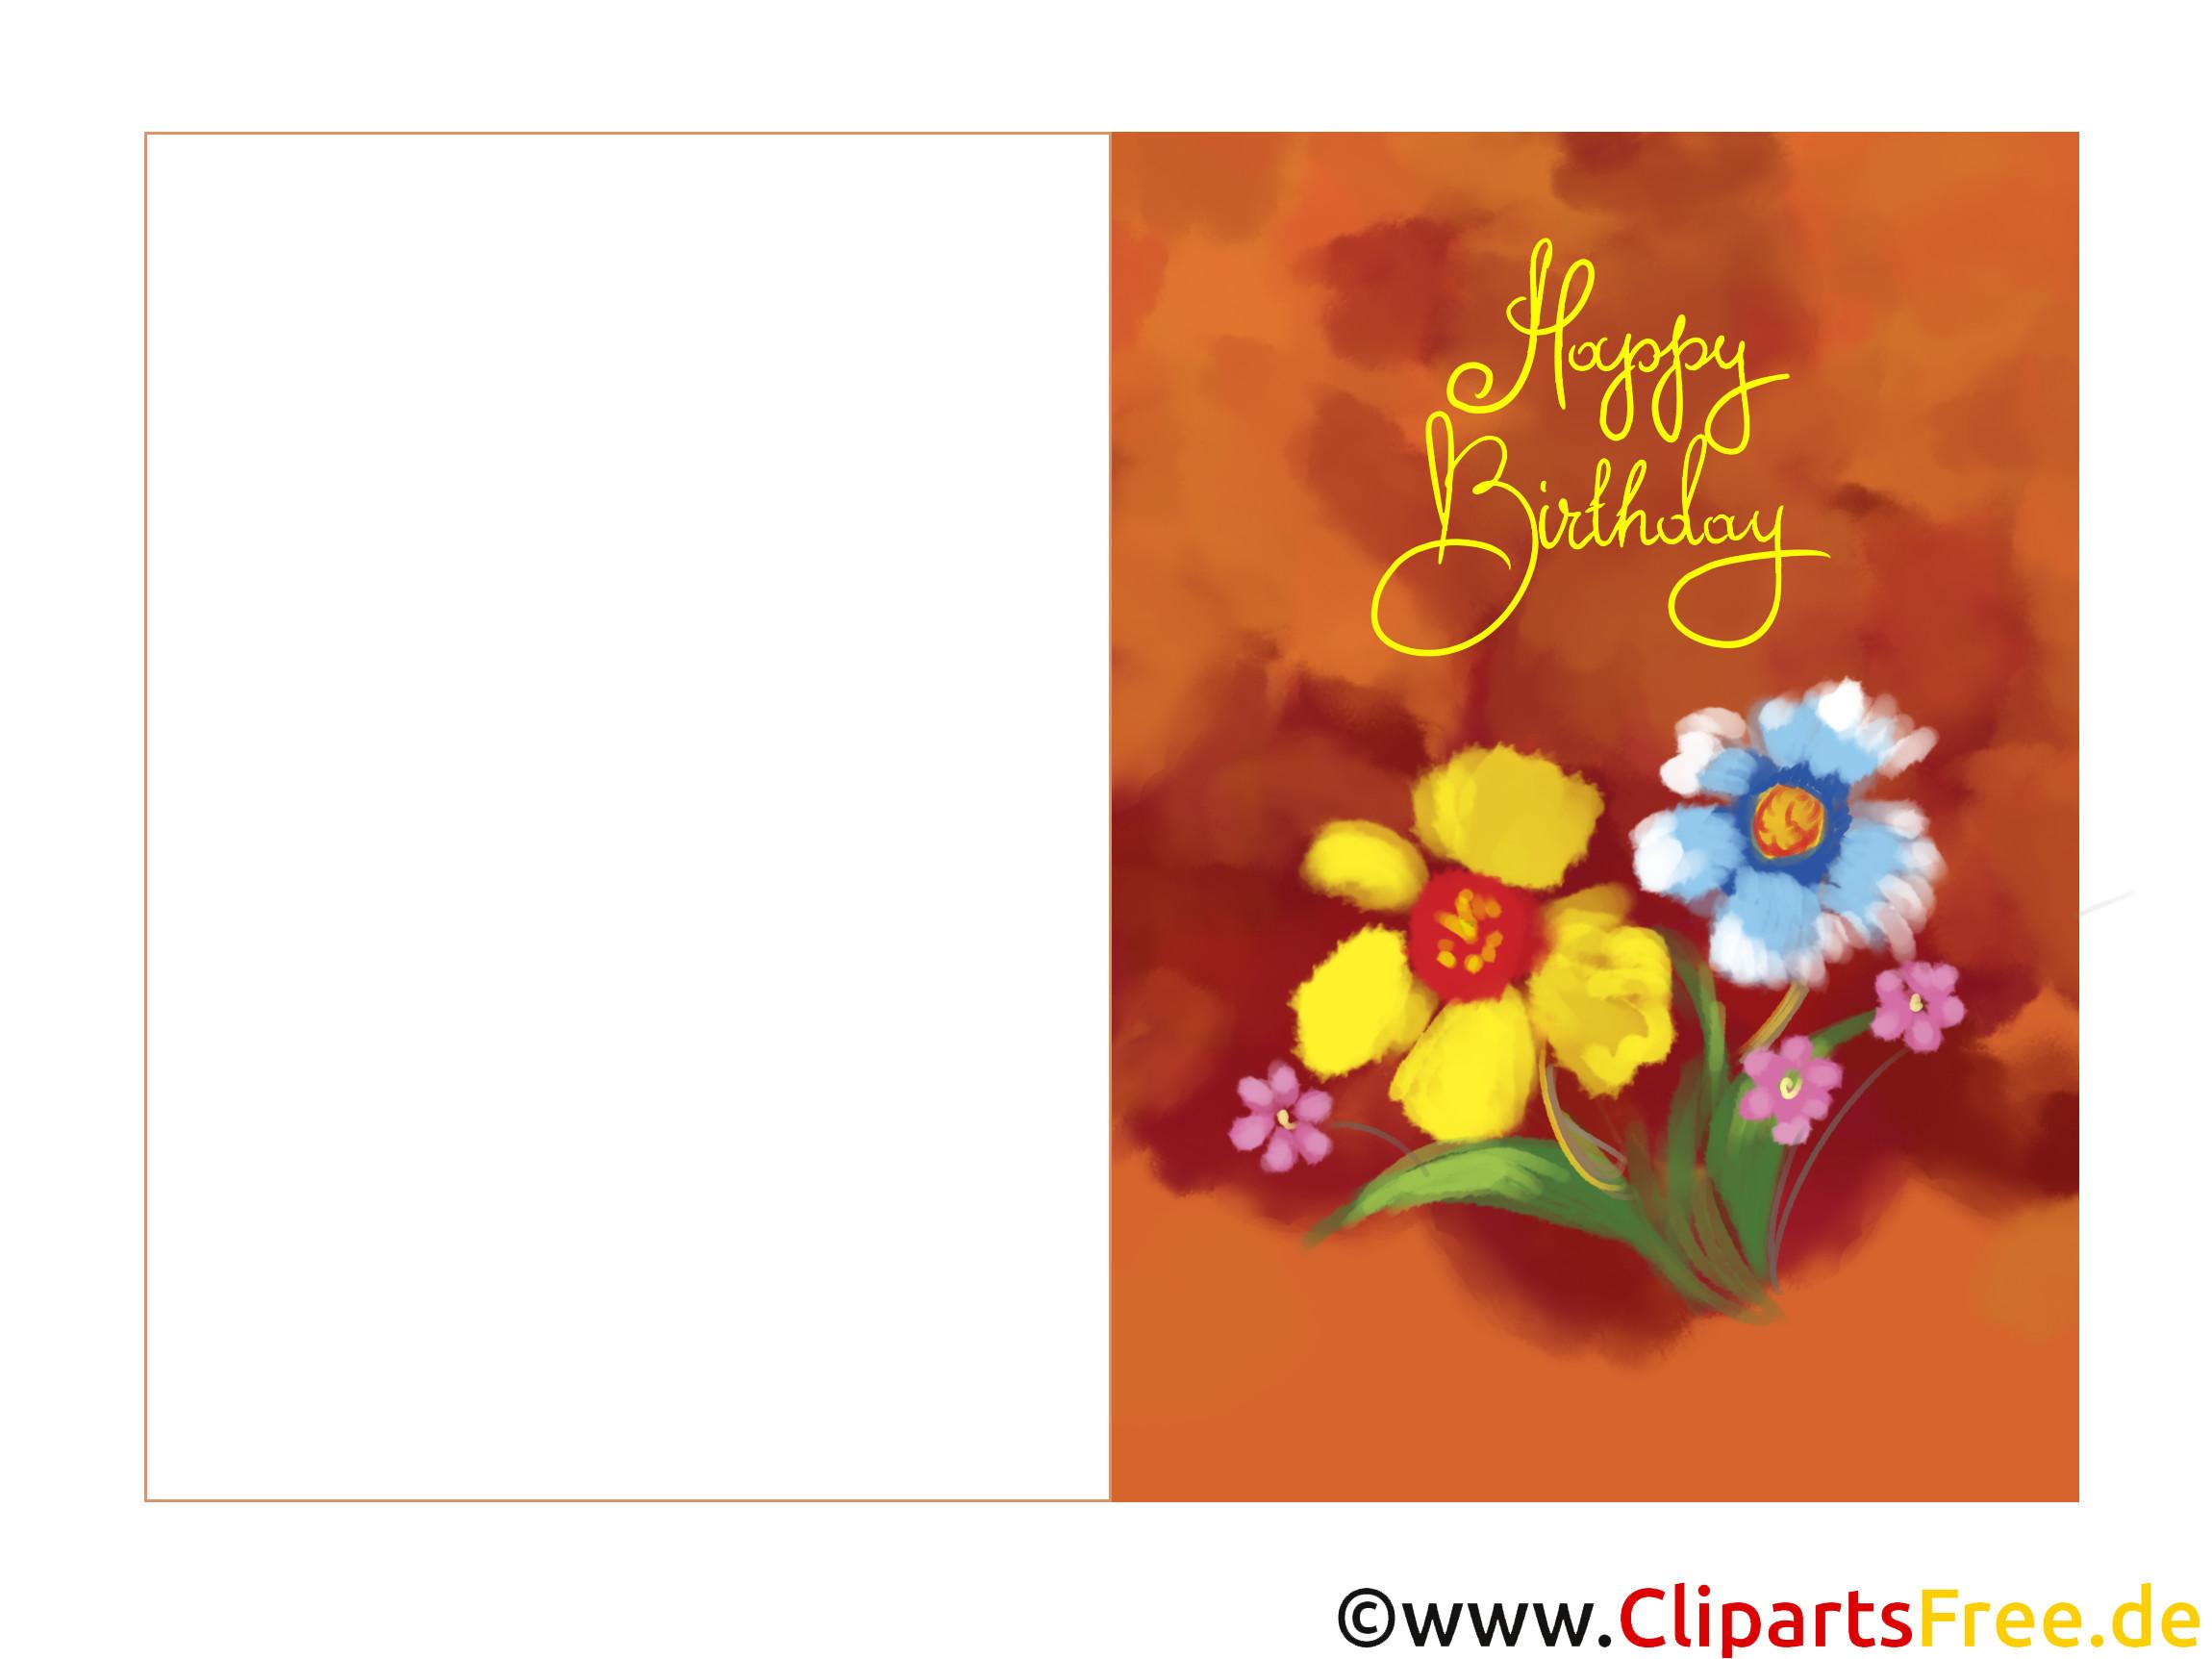 Geburtstagskarten Kostenlos Zum Ausdrucken  Elektronische Geburtstagskarte kostenlos zum Runterladen